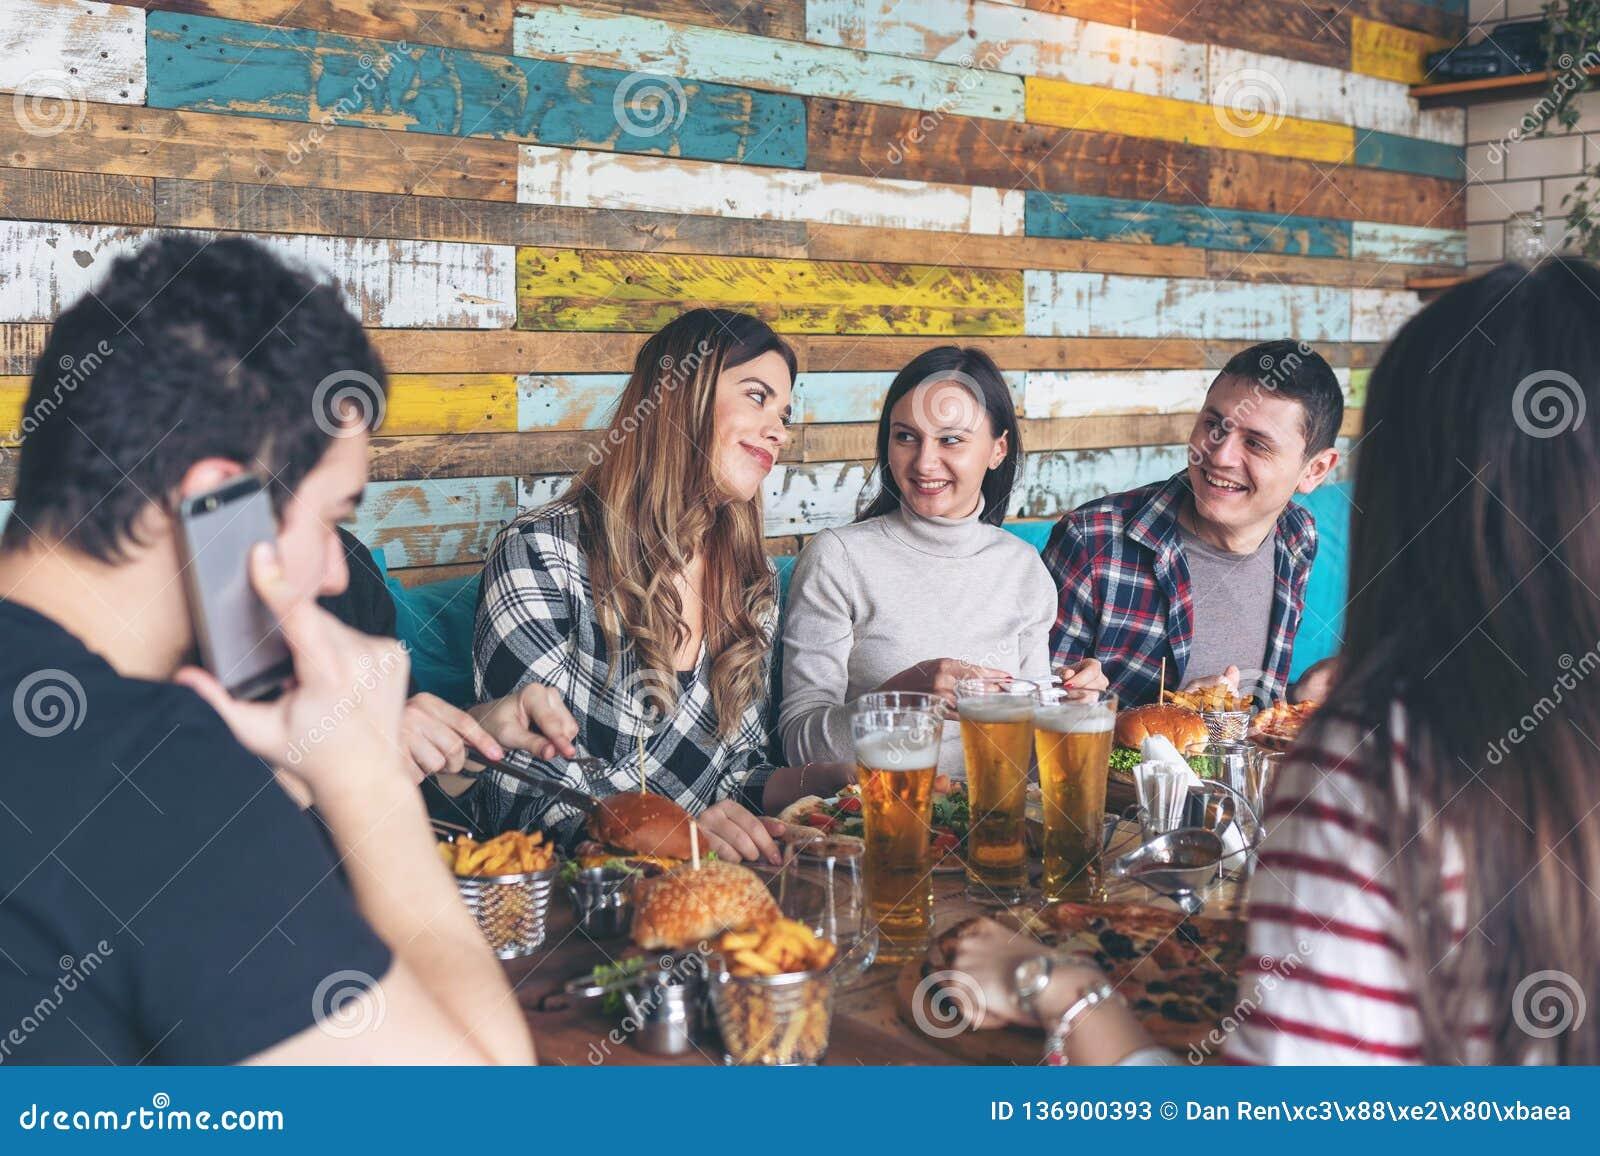 Gelukkige jonge vrienden die met pizzaburgers en het drinken bier bij barrestaurant vieren